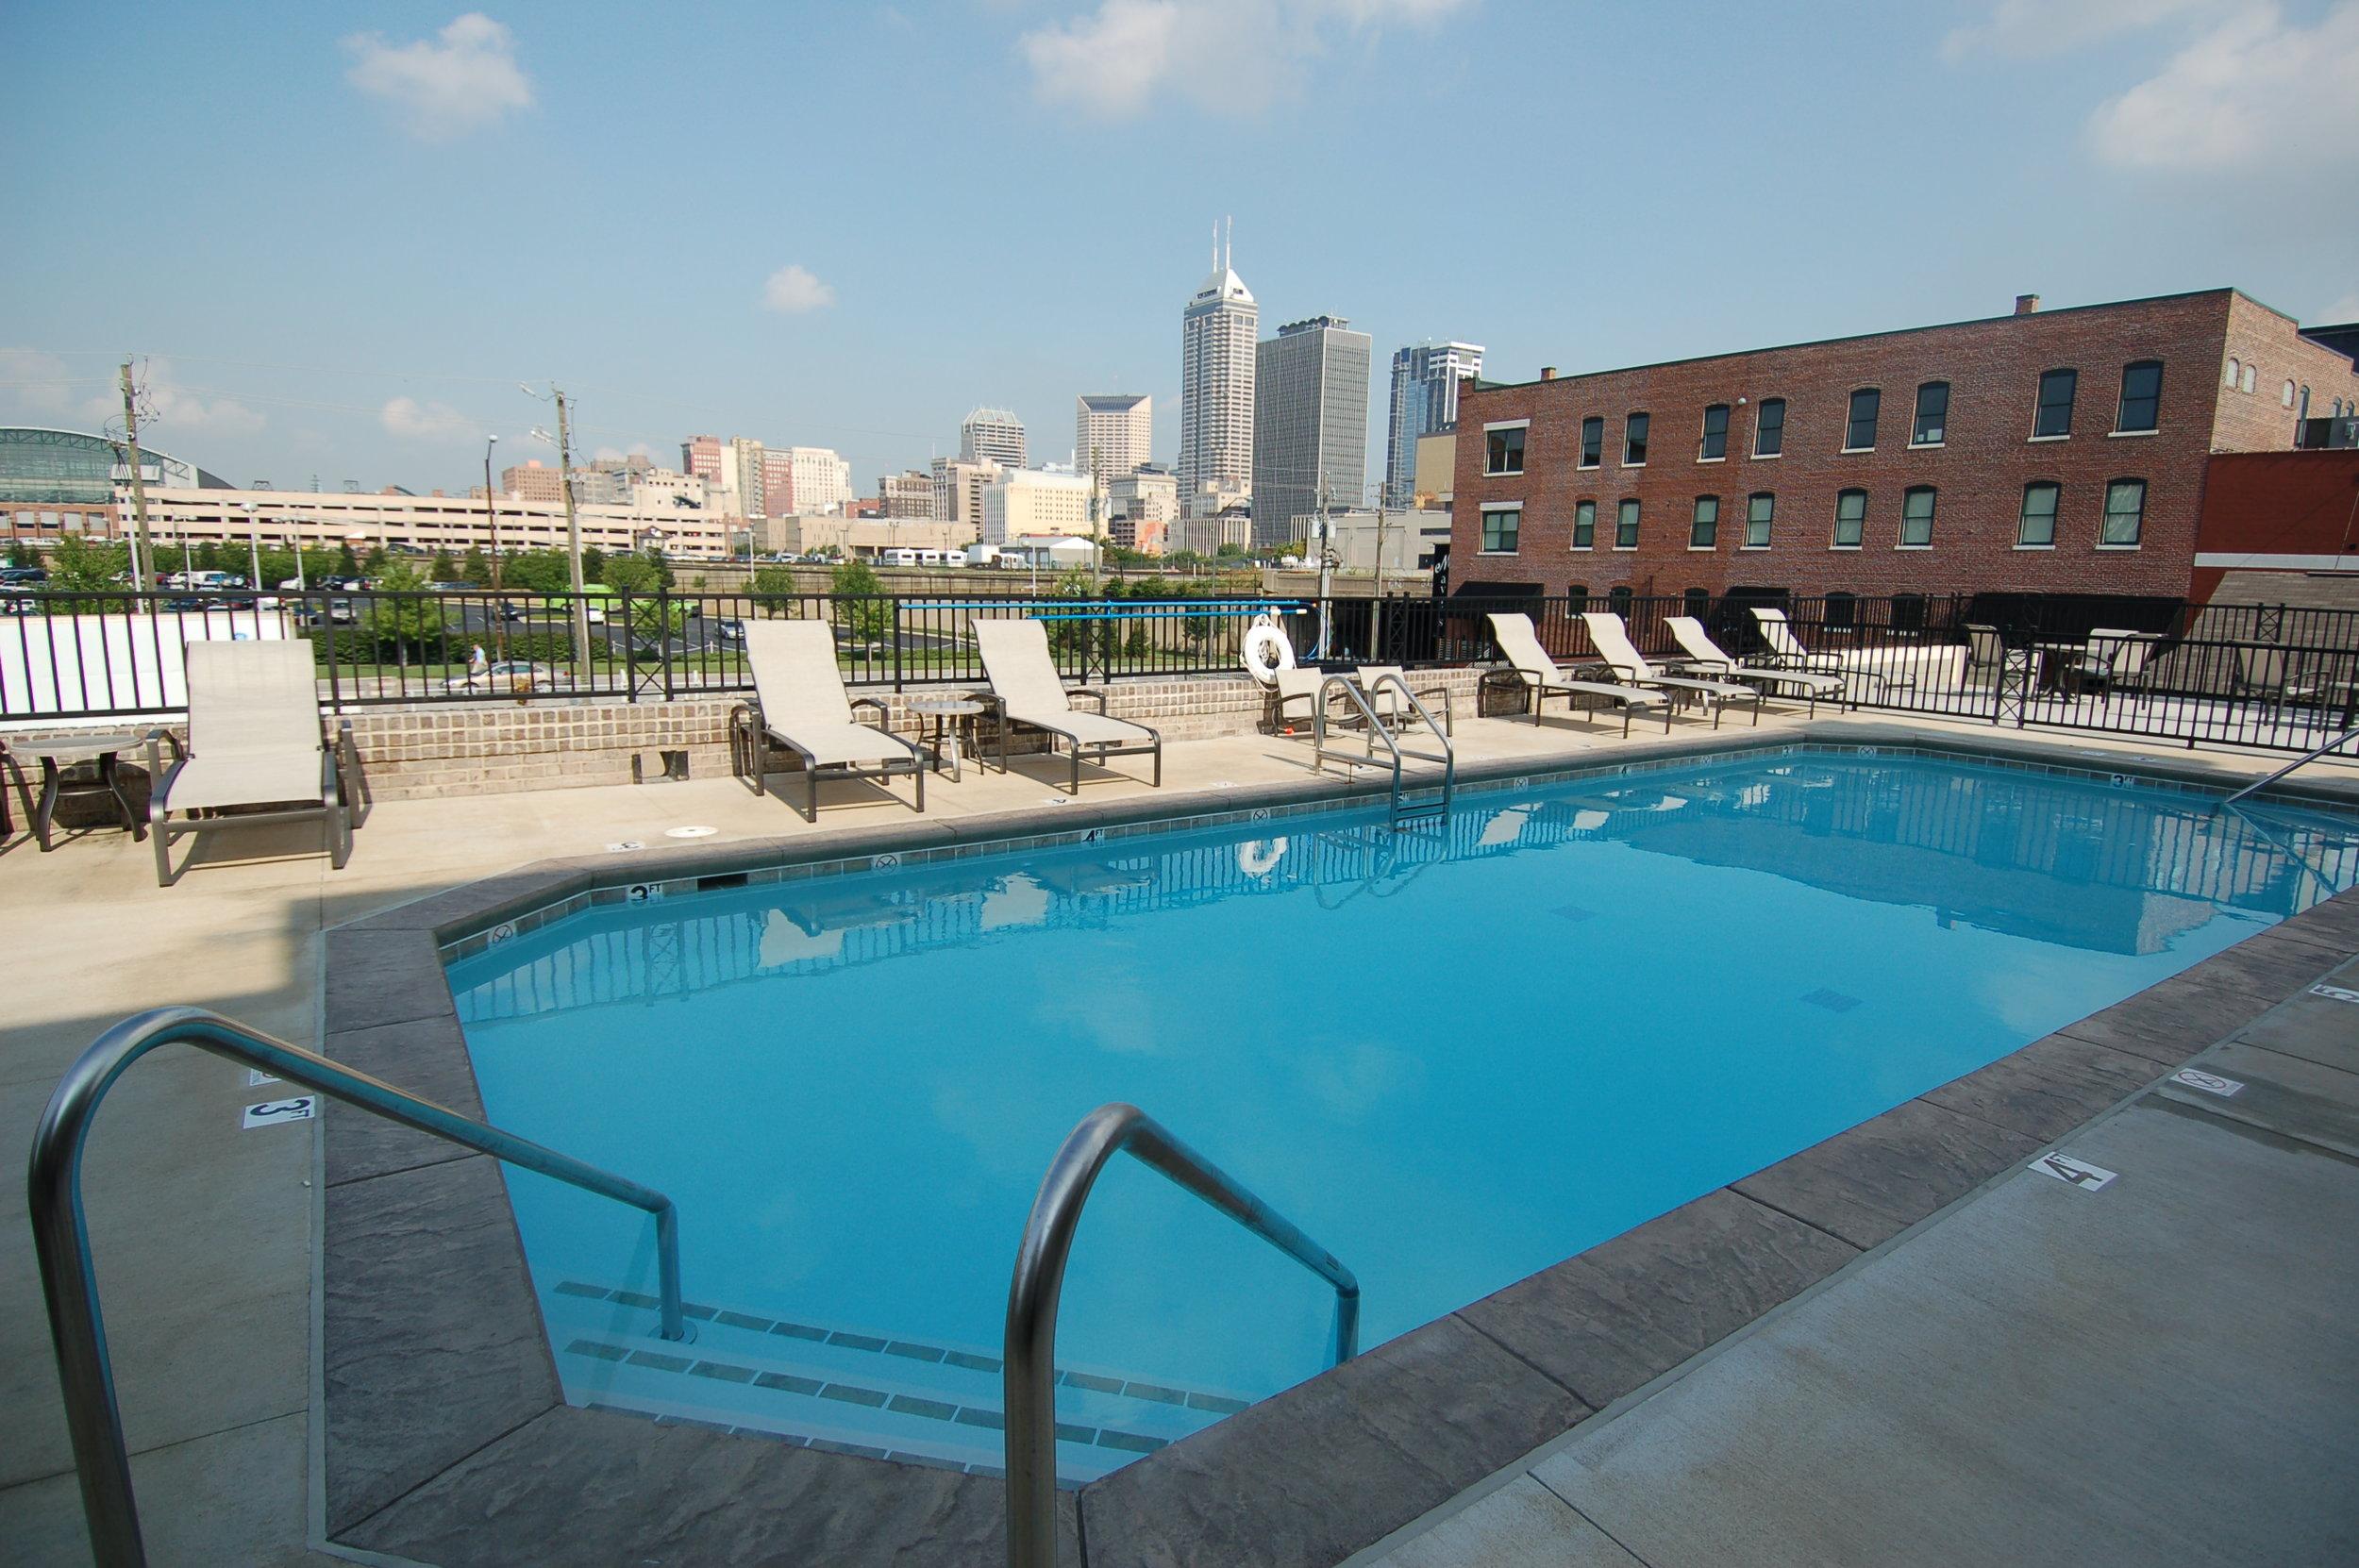 Waverley - pool (amenities).JPG